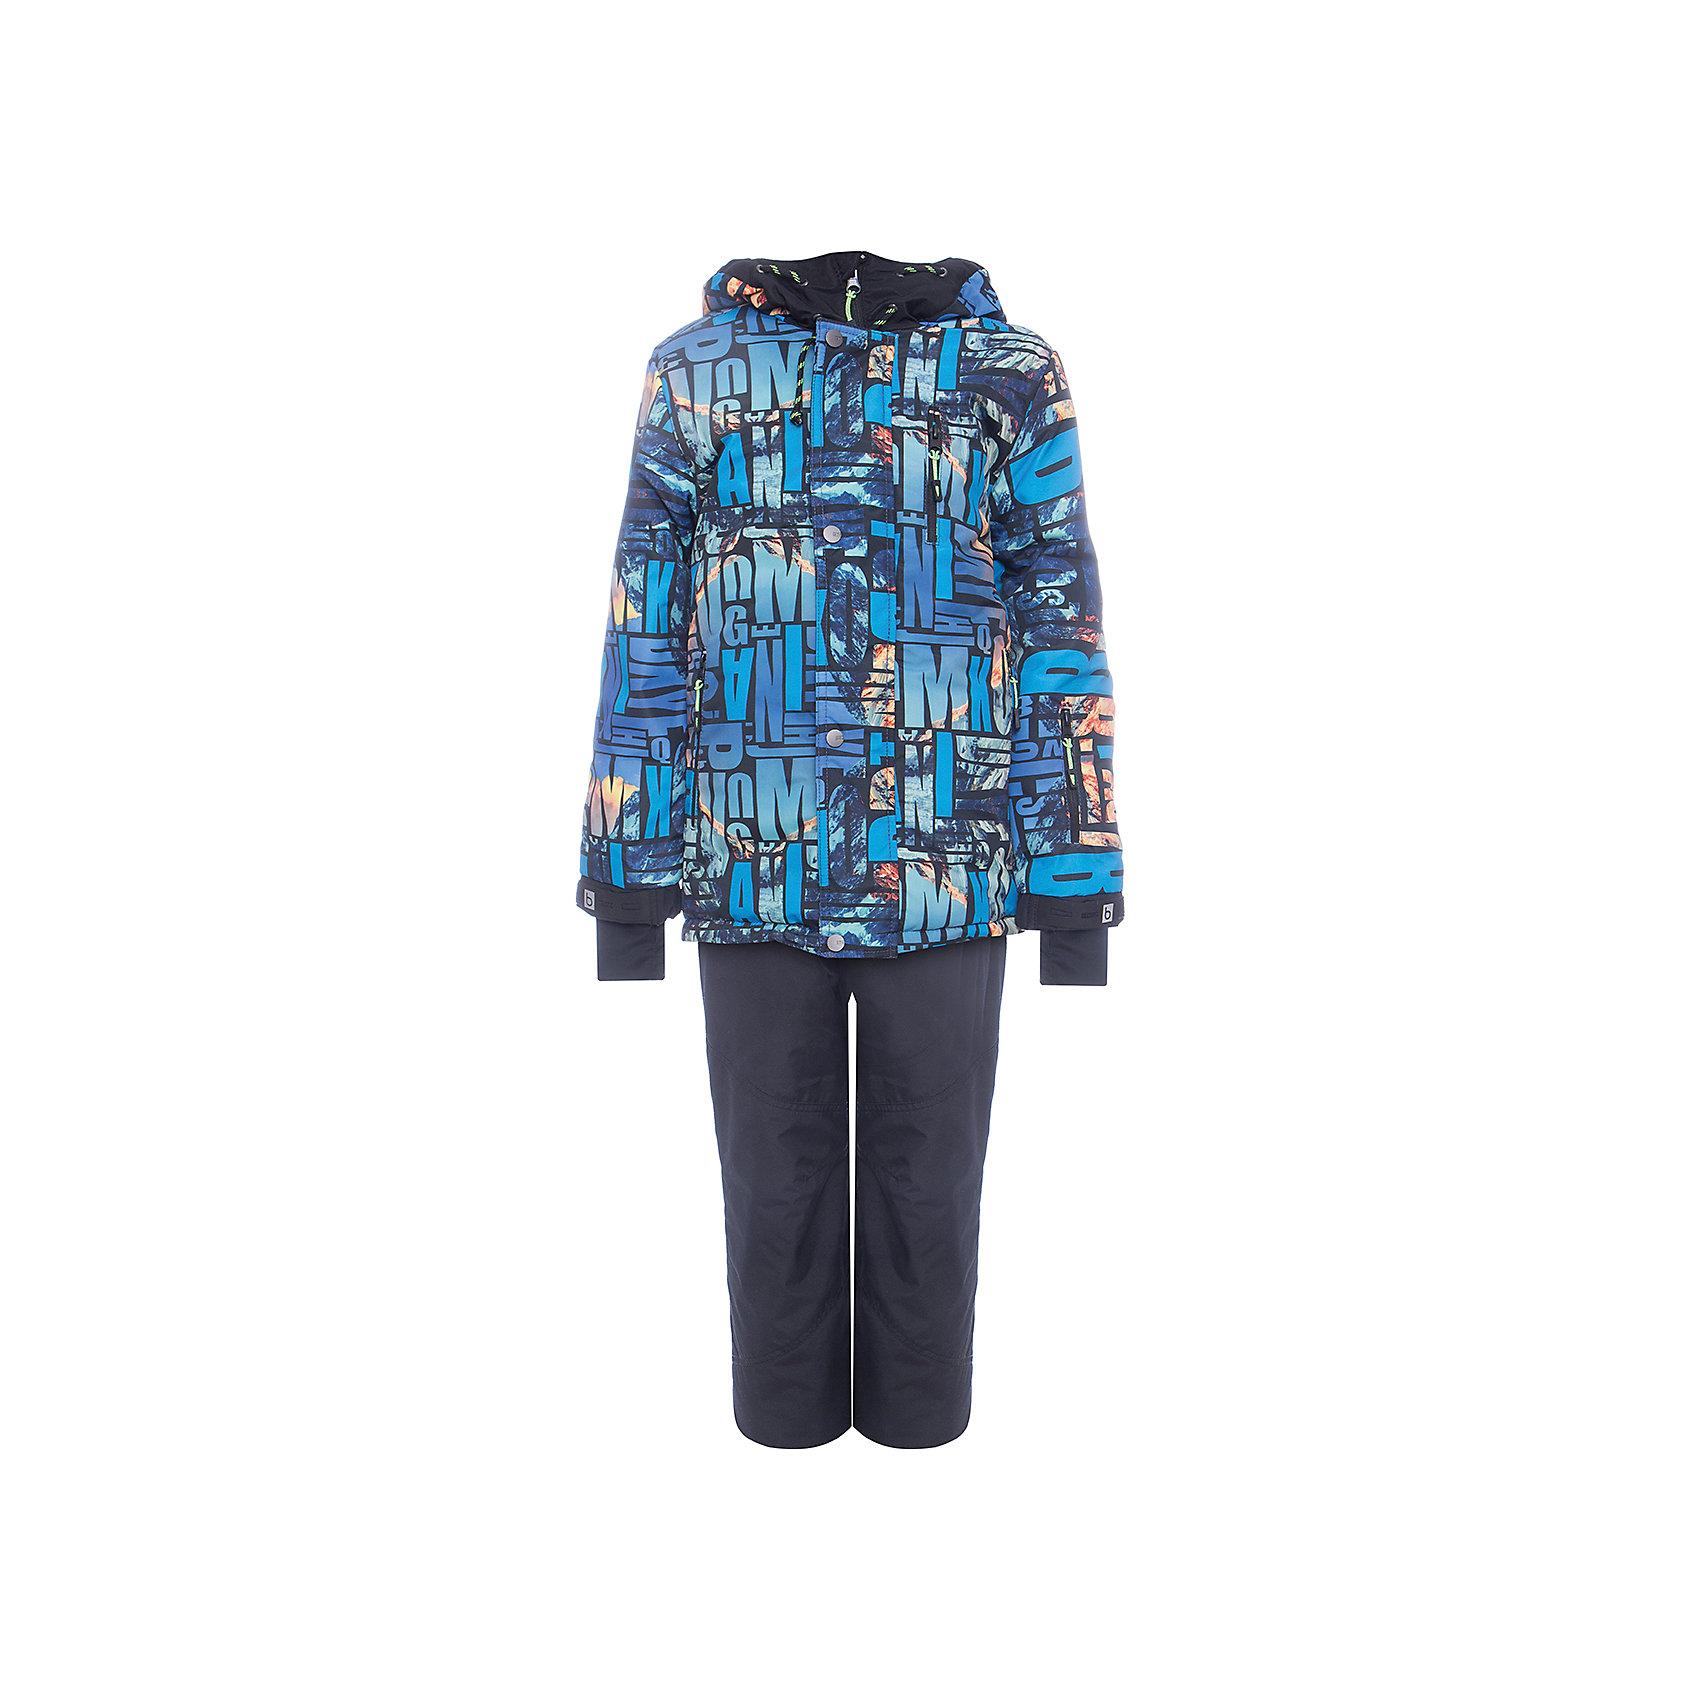 Комплект: куртка и полукомбенизон Коля Batik для мальчикаВерхняя одежда<br>Характеристики товара:<br><br>• цвет: синий<br>• комплектация: куртка и полукомбинезон, горнолыжные очки<br>• состав ткани: таслан<br>• подкладка: поларфлис<br>• утеплитель: слайтекс<br>• сезон: зима<br>• мембранное покрытие<br>• температурный режим: от -35 до 0<br>• водонепроницаемость: 5000 мм <br>• паропроницаемость: 5000 г/м2<br>• плотность утеплителя: куртка - 350 г/м2, полукомбинезон - 200 г/м2<br>• застежка: молния<br>• капюшон: без меха, отстегивается<br>• встроенный термодатчик<br>• страна бренда: Россия<br>• страна изготовитель: Россия<br><br>Удобный зимний комплект дополнен капюшоном, карманами и удобной молнией. Синий зимний комплект для мальчика выполнен в практичной универсальной расцветке. Флисовая подкладка комплекта для мальчика мягкая и теплая. Высокотехнологичная мембрана в детском комплекте надежно защищает от холода и влаги. <br><br>Комплект: куртка и полукомбинезон Коля Batik (Батик) для мальчика можно купить в нашем интернет-магазине.<br><br>Ширина мм: 356<br>Глубина мм: 10<br>Высота мм: 245<br>Вес г: 519<br>Цвет: синий<br>Возраст от месяцев: 144<br>Возраст до месяцев: 156<br>Пол: Мужской<br>Возраст: Детский<br>Размер: 158,128,134,140,146,152<br>SKU: 7028393